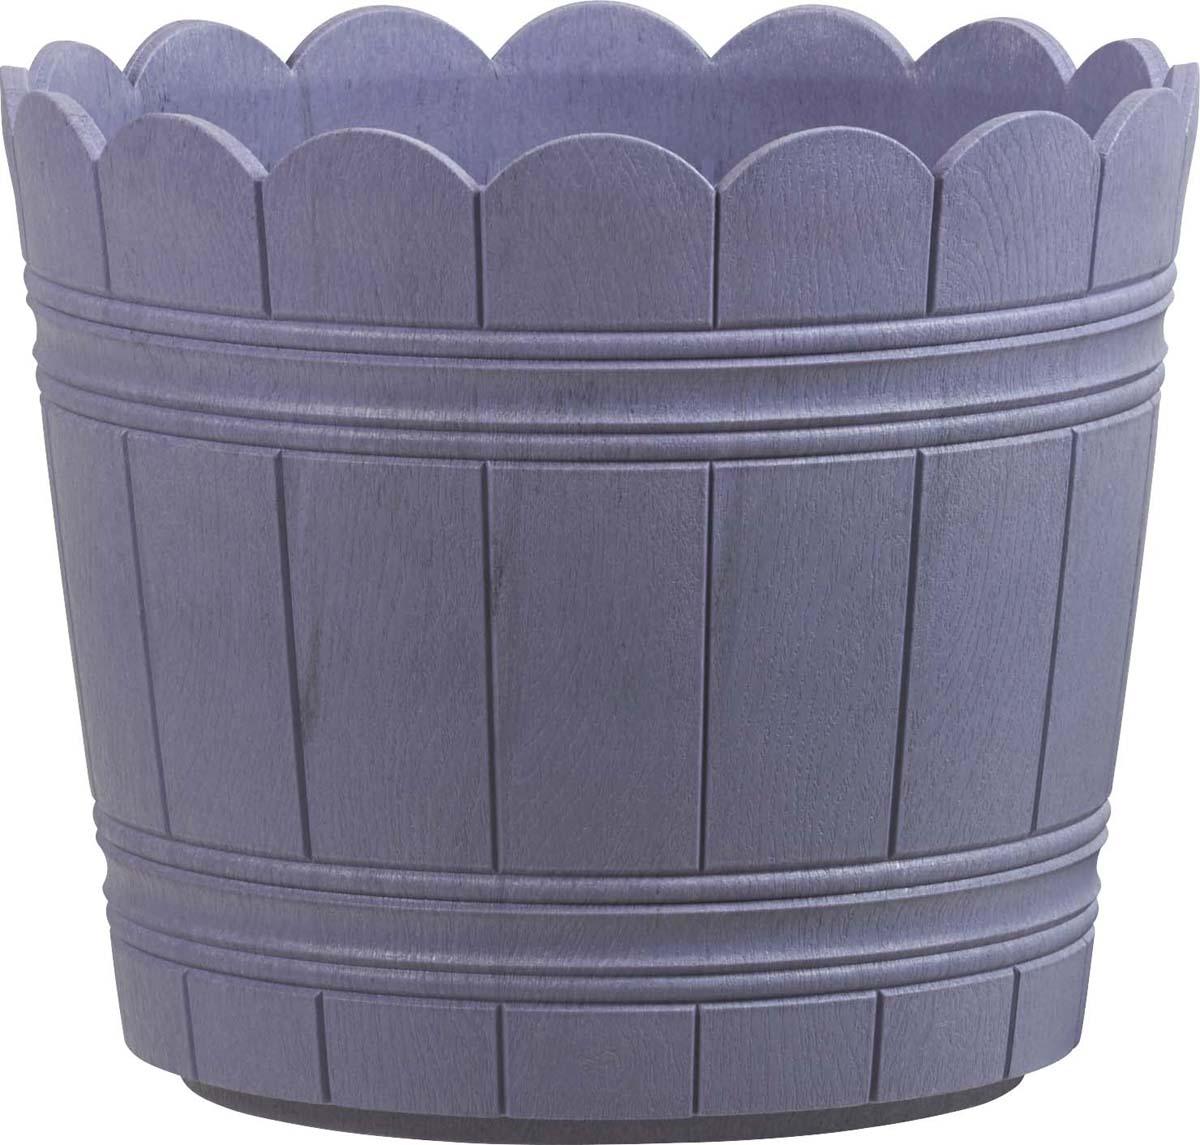 Кашпо Emsa Country, цвет: сиреневый, диаметр 35 см сиреневый цв 14